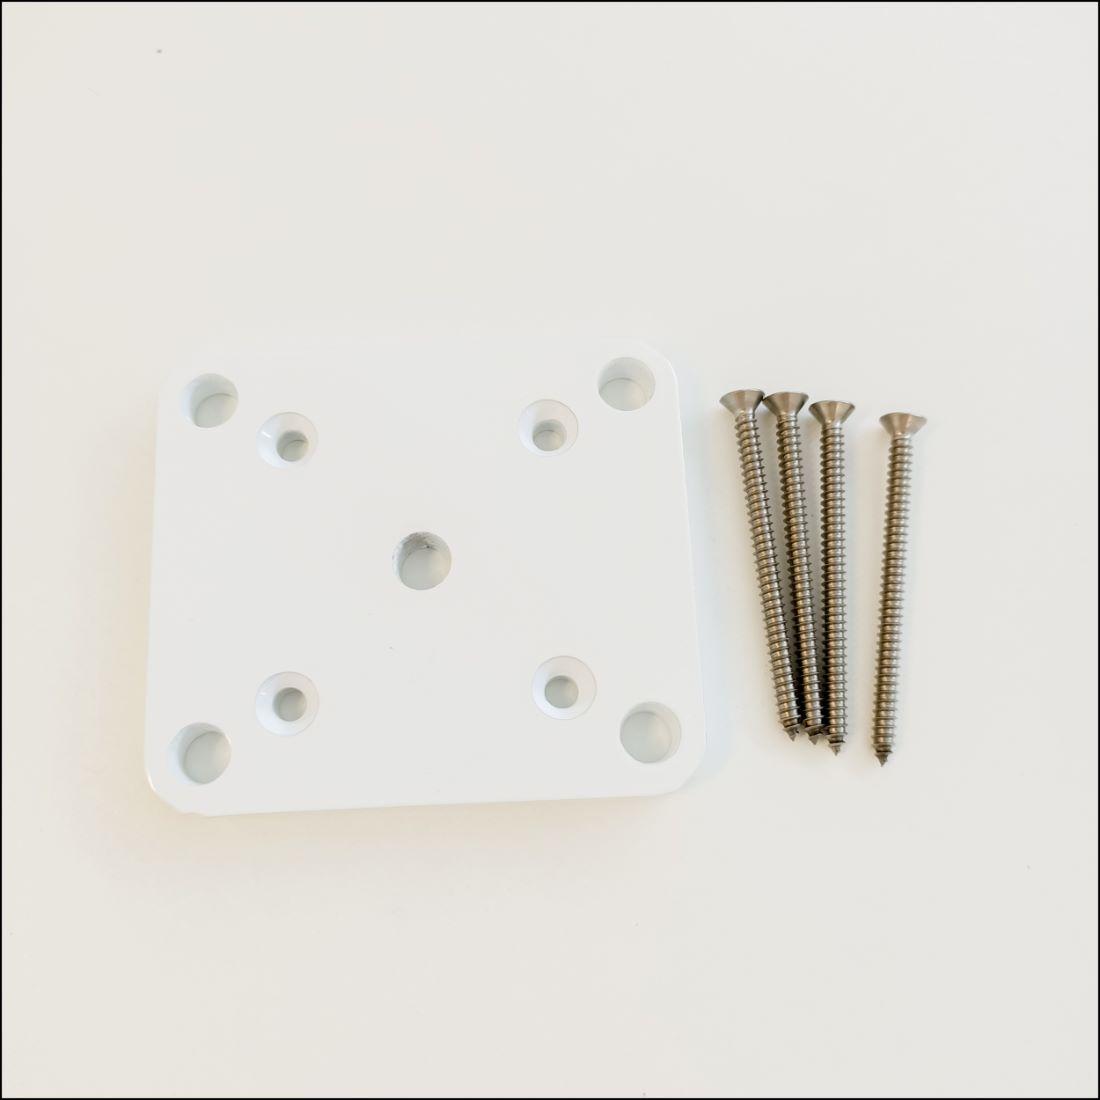 65 x 65mm Base Plate Set White